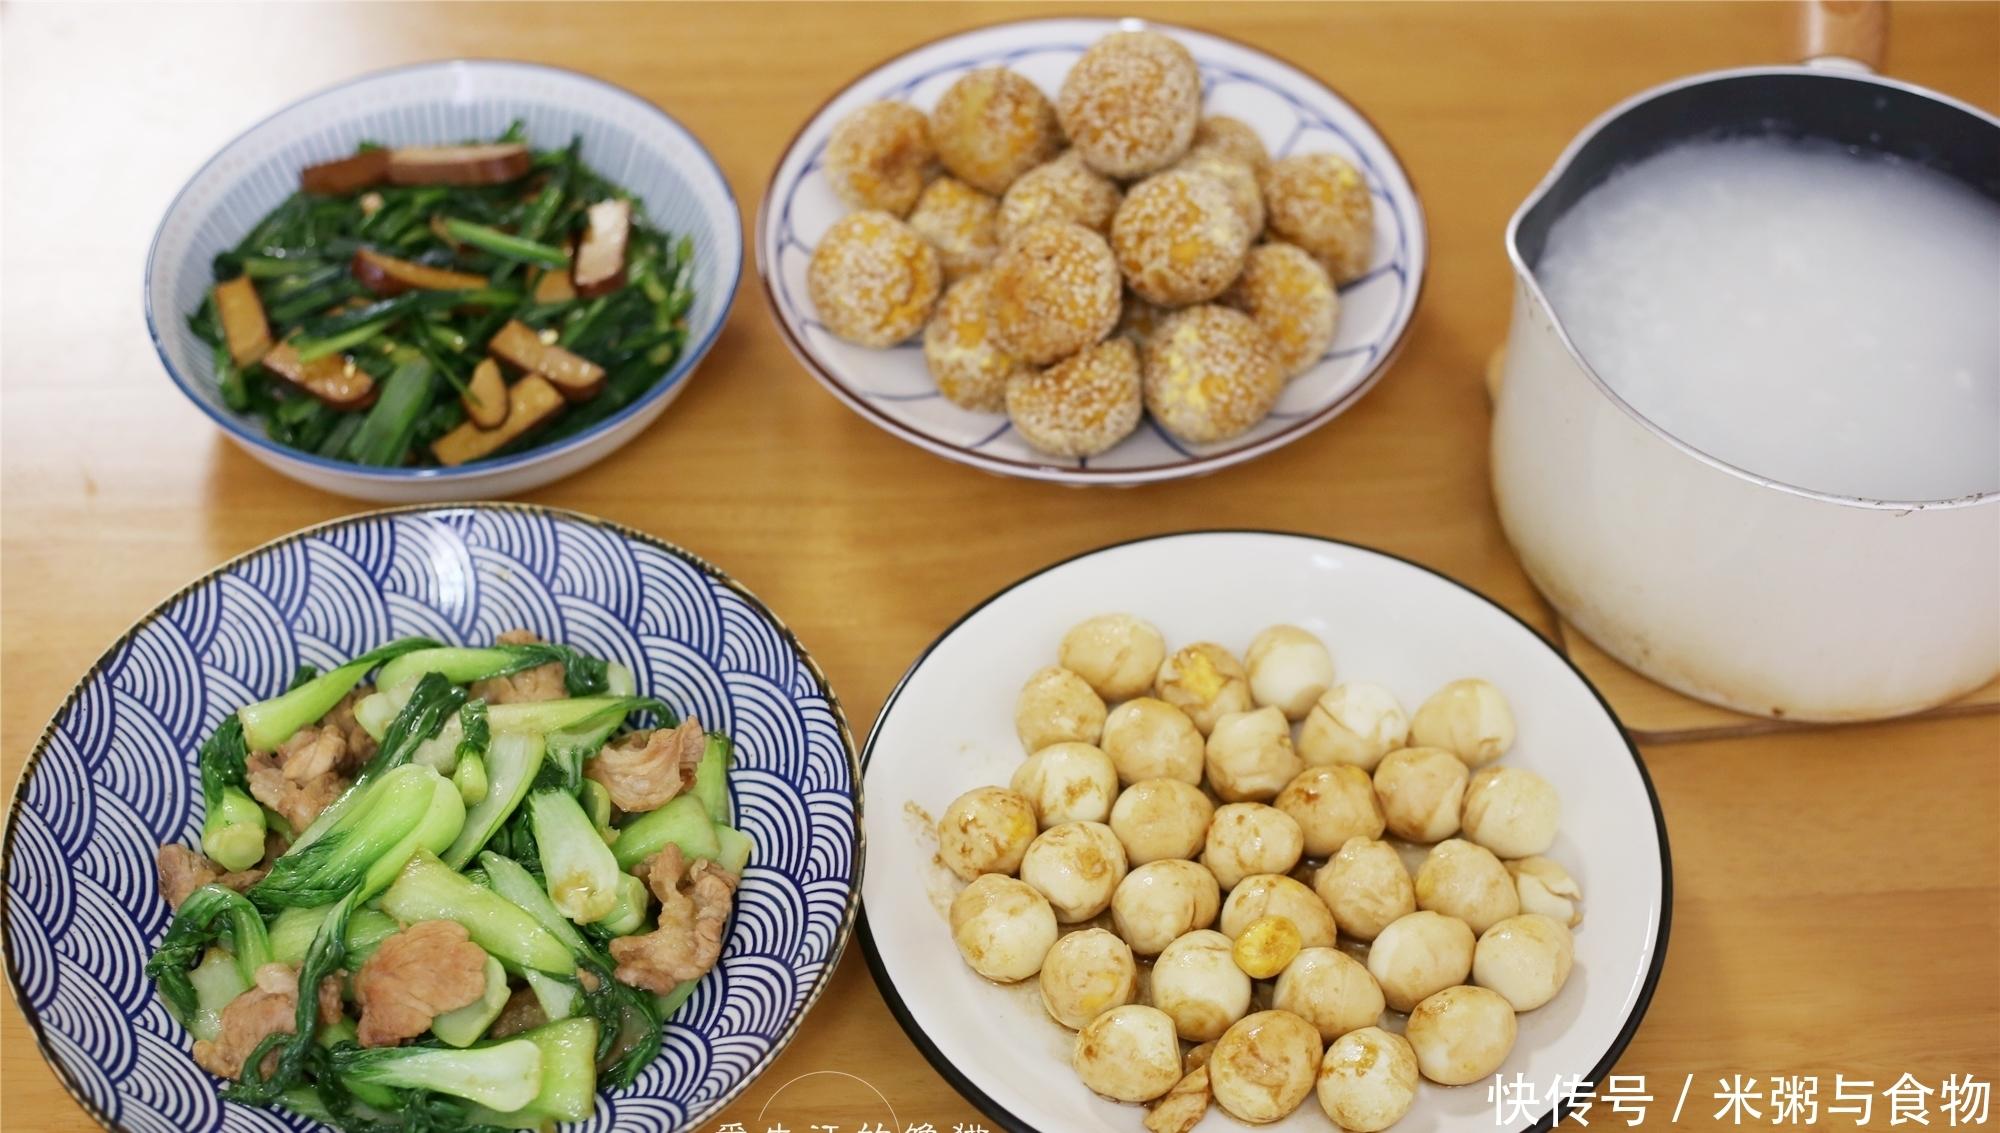 一家三口的早餐,有荤有素有点心,花半小时搞定,家人吃得很舒服